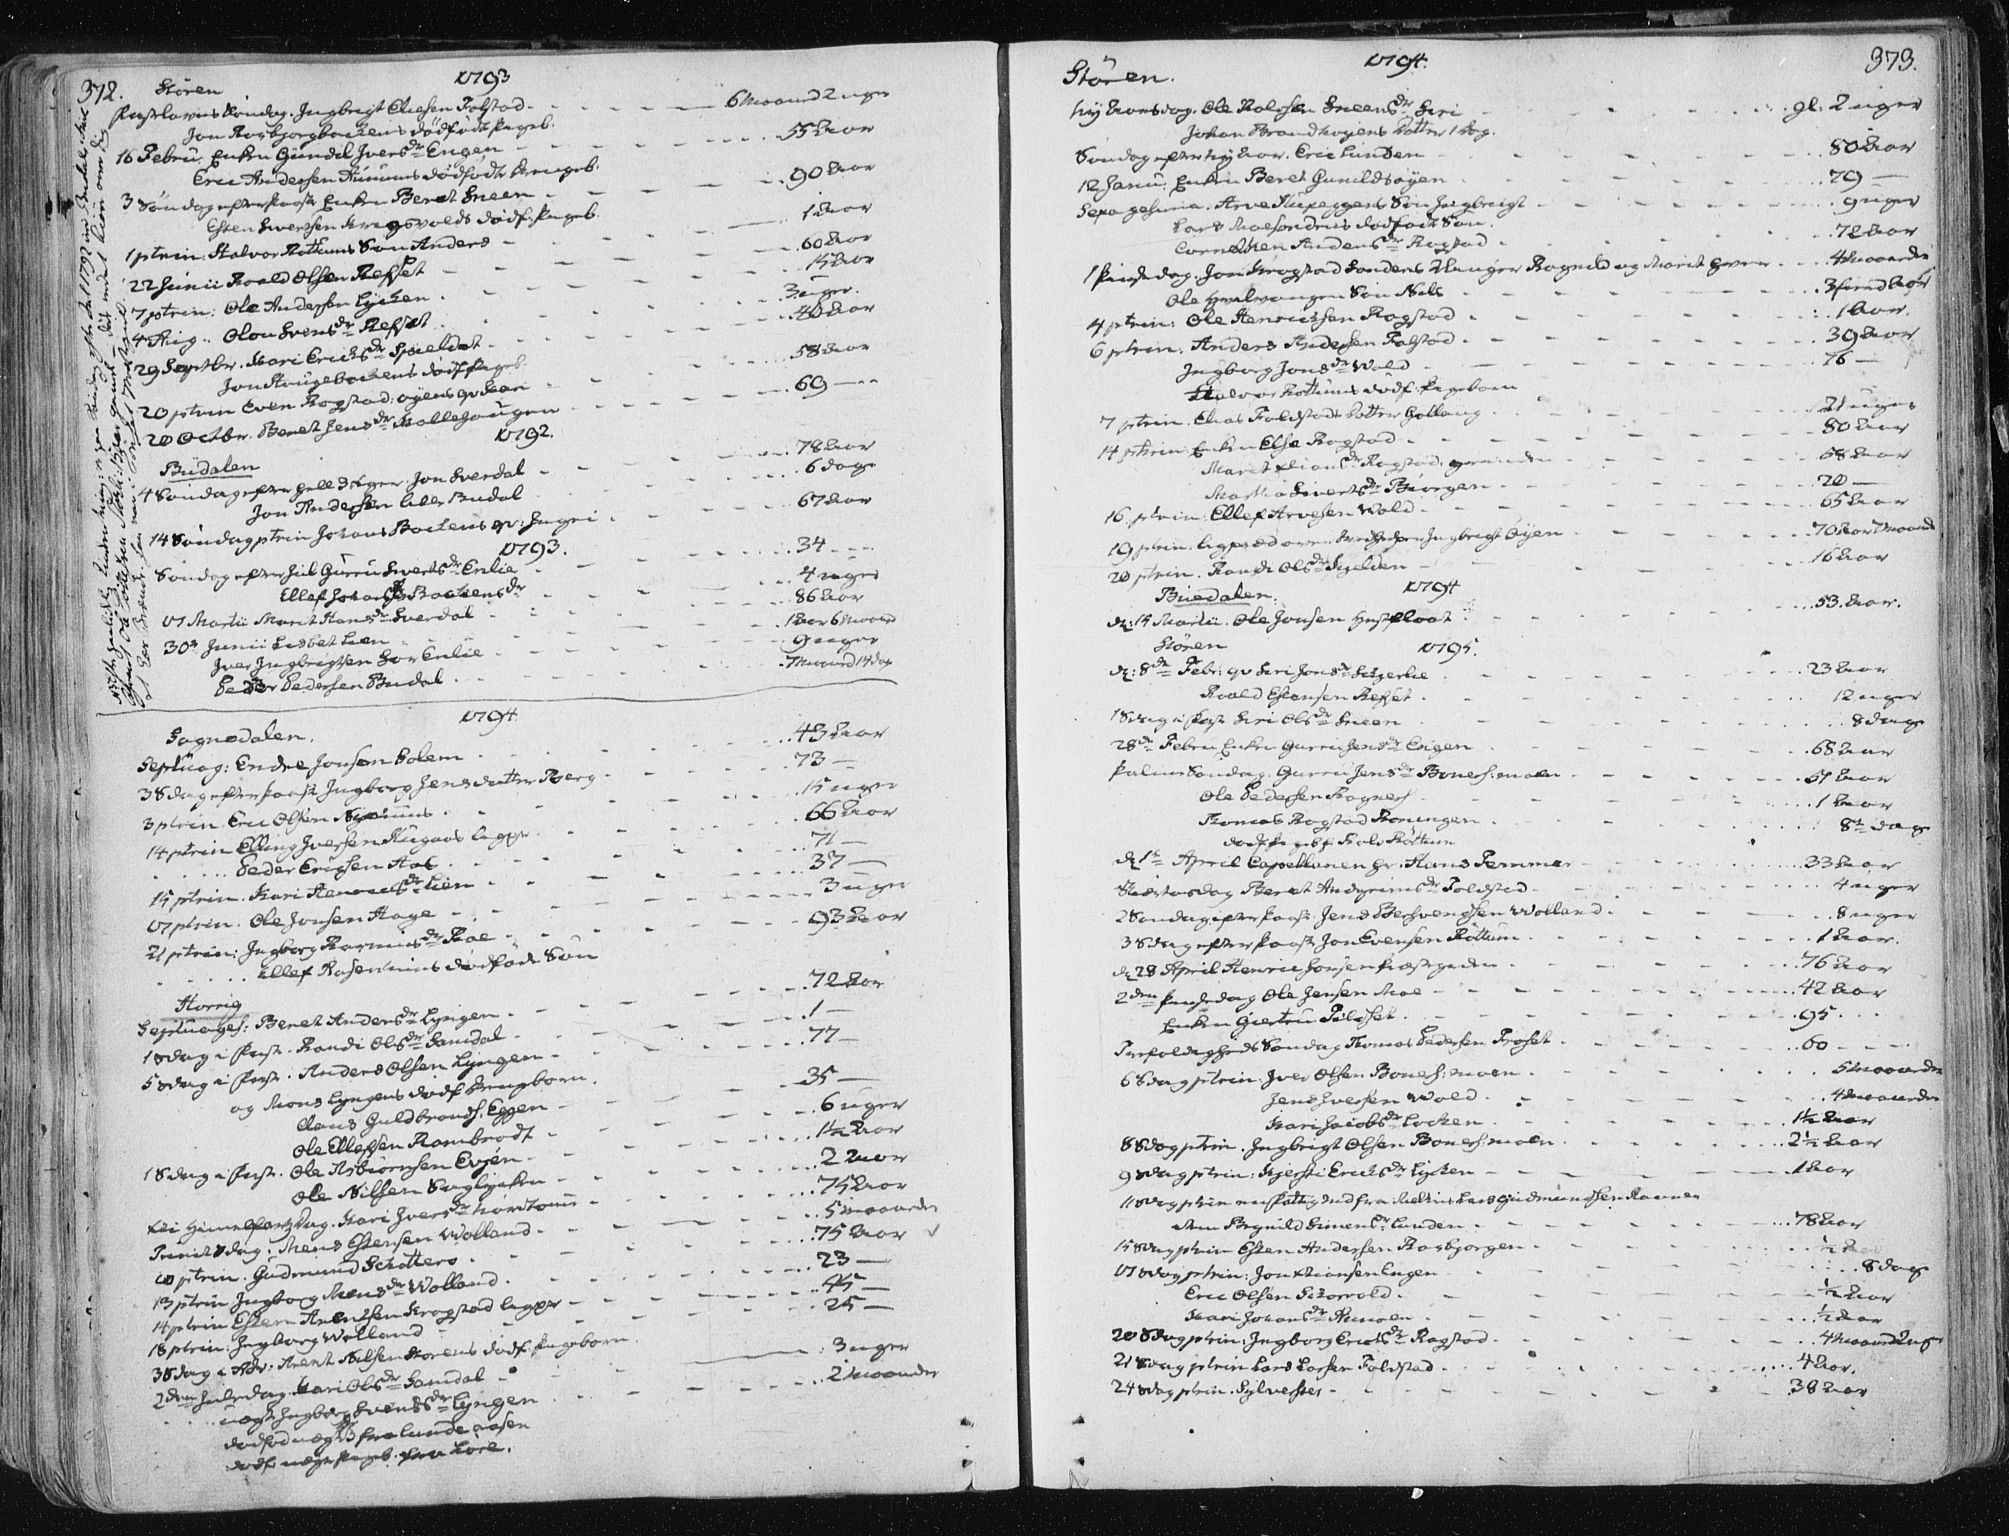 SAT, Ministerialprotokoller, klokkerbøker og fødselsregistre - Sør-Trøndelag, 687/L0992: Ministerialbok nr. 687A03 /1, 1788-1815, s. 372-373